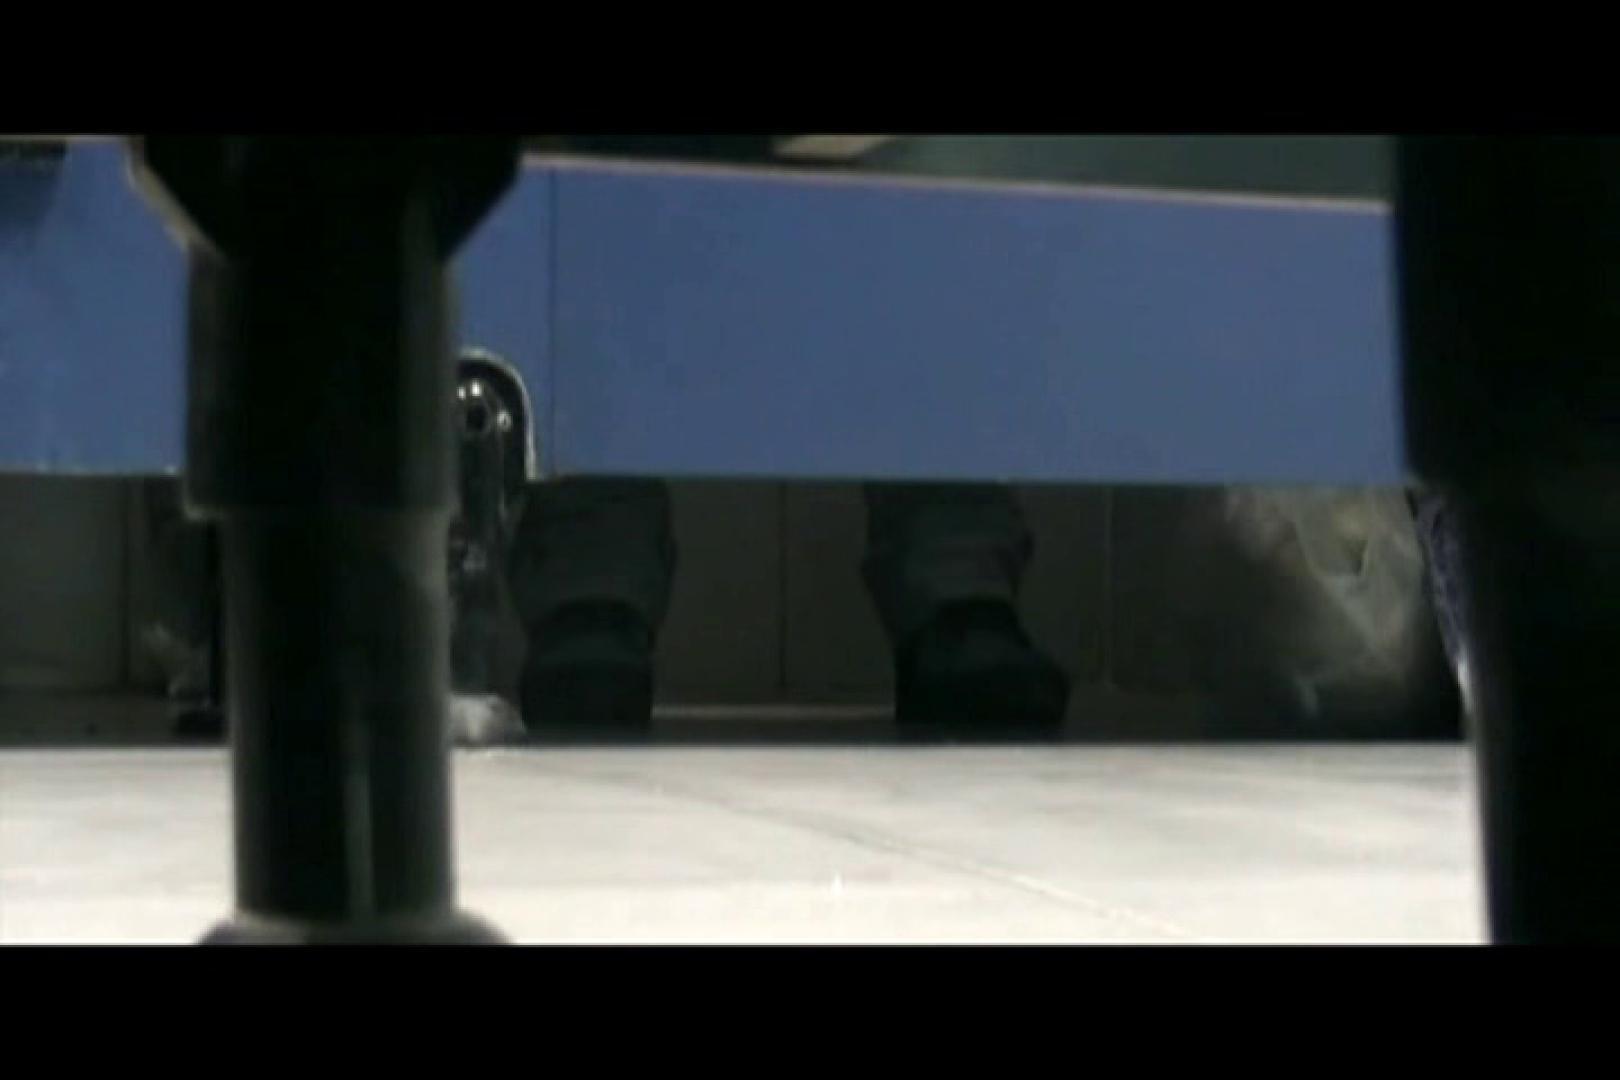 ぼっとん洗面所スペシャルVol.16 独身エッチOL | おまんこモロ出し  24pic 6